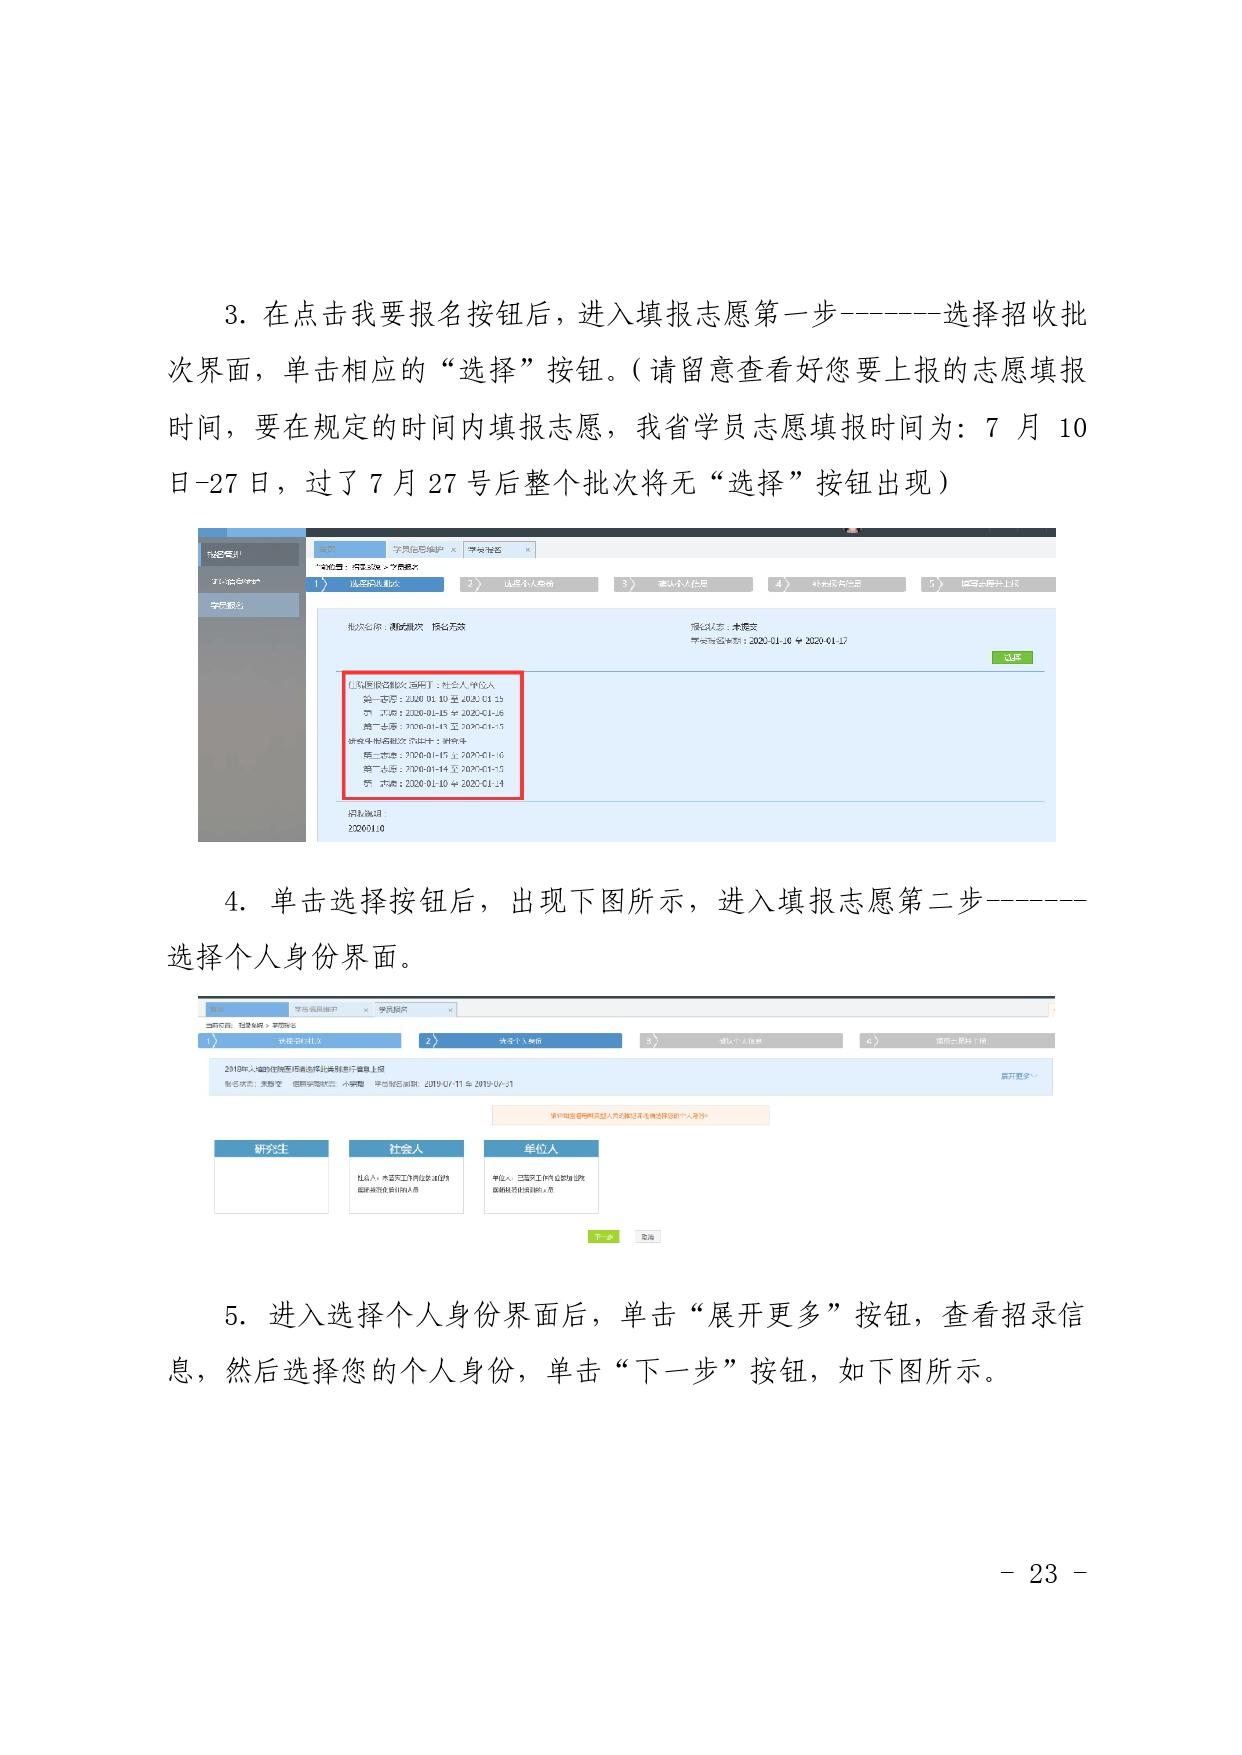 BYYXJY_254_1_page-0023